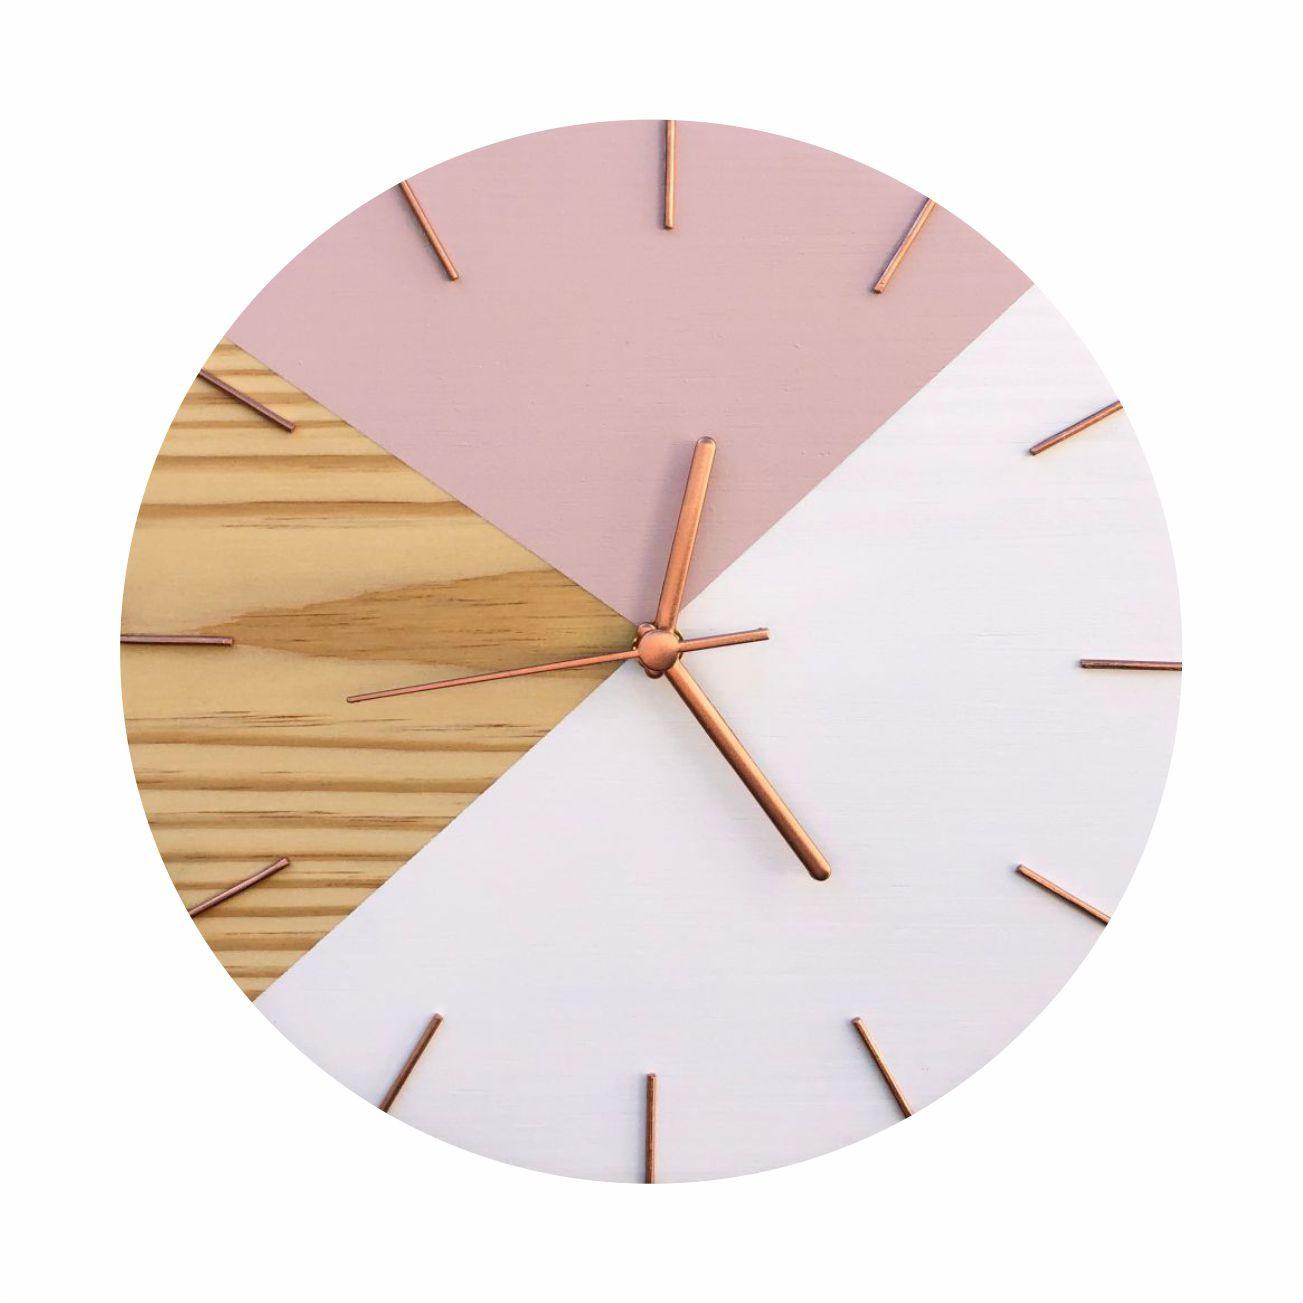 Relógio de Parede Em Madeira Geométrico Rosa e Branco Minimalista com Ponteiros em Rose Gold